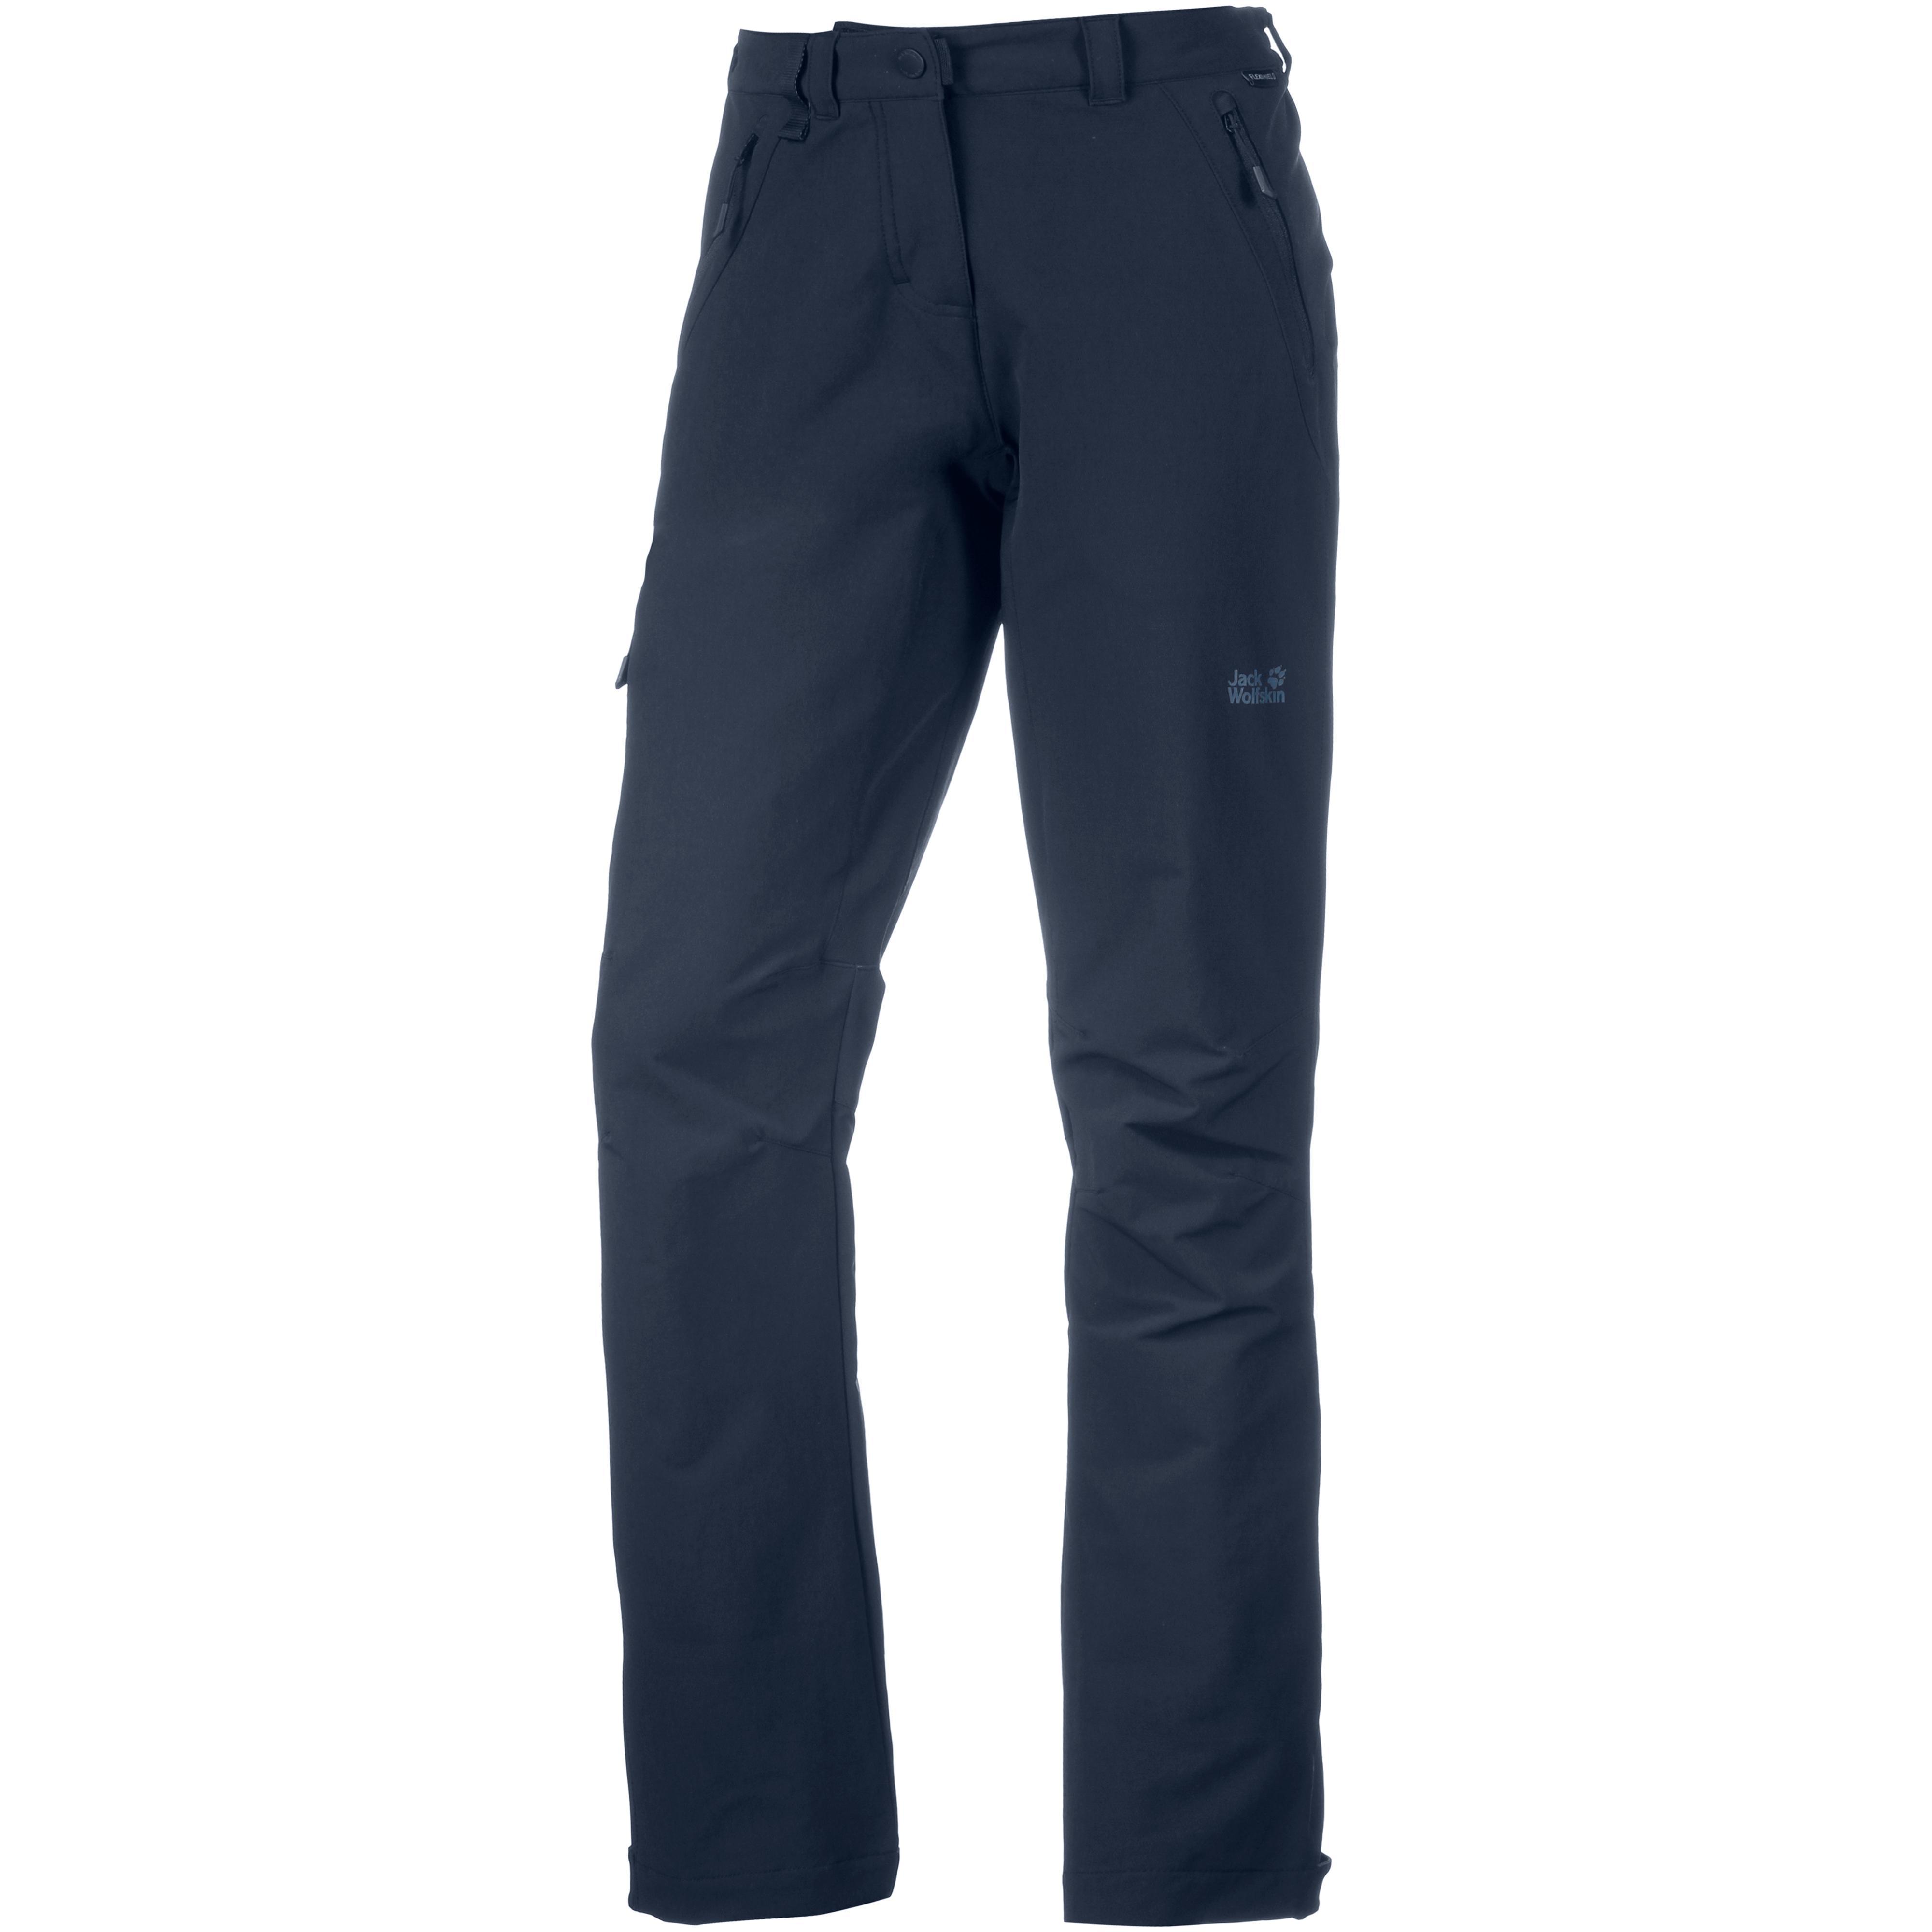 Jack Wolfskin Activate XT Wanderhose Damen midnight blue im Online Shop von SportScheck kaufen